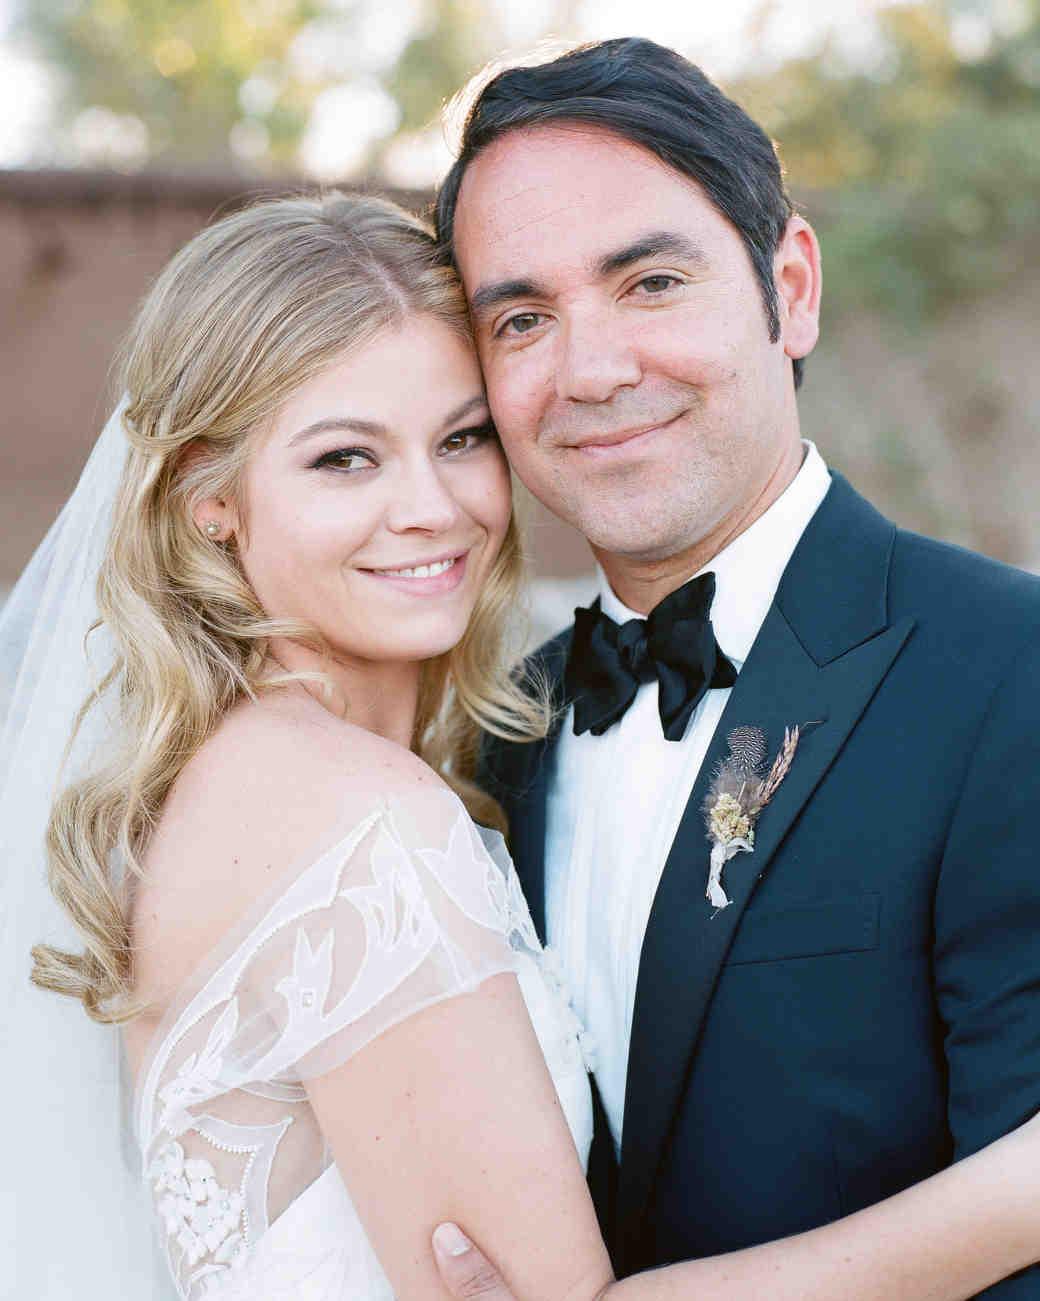 amanda-marty-wedding-marfa-texas-1828-s112329-1115.jpg